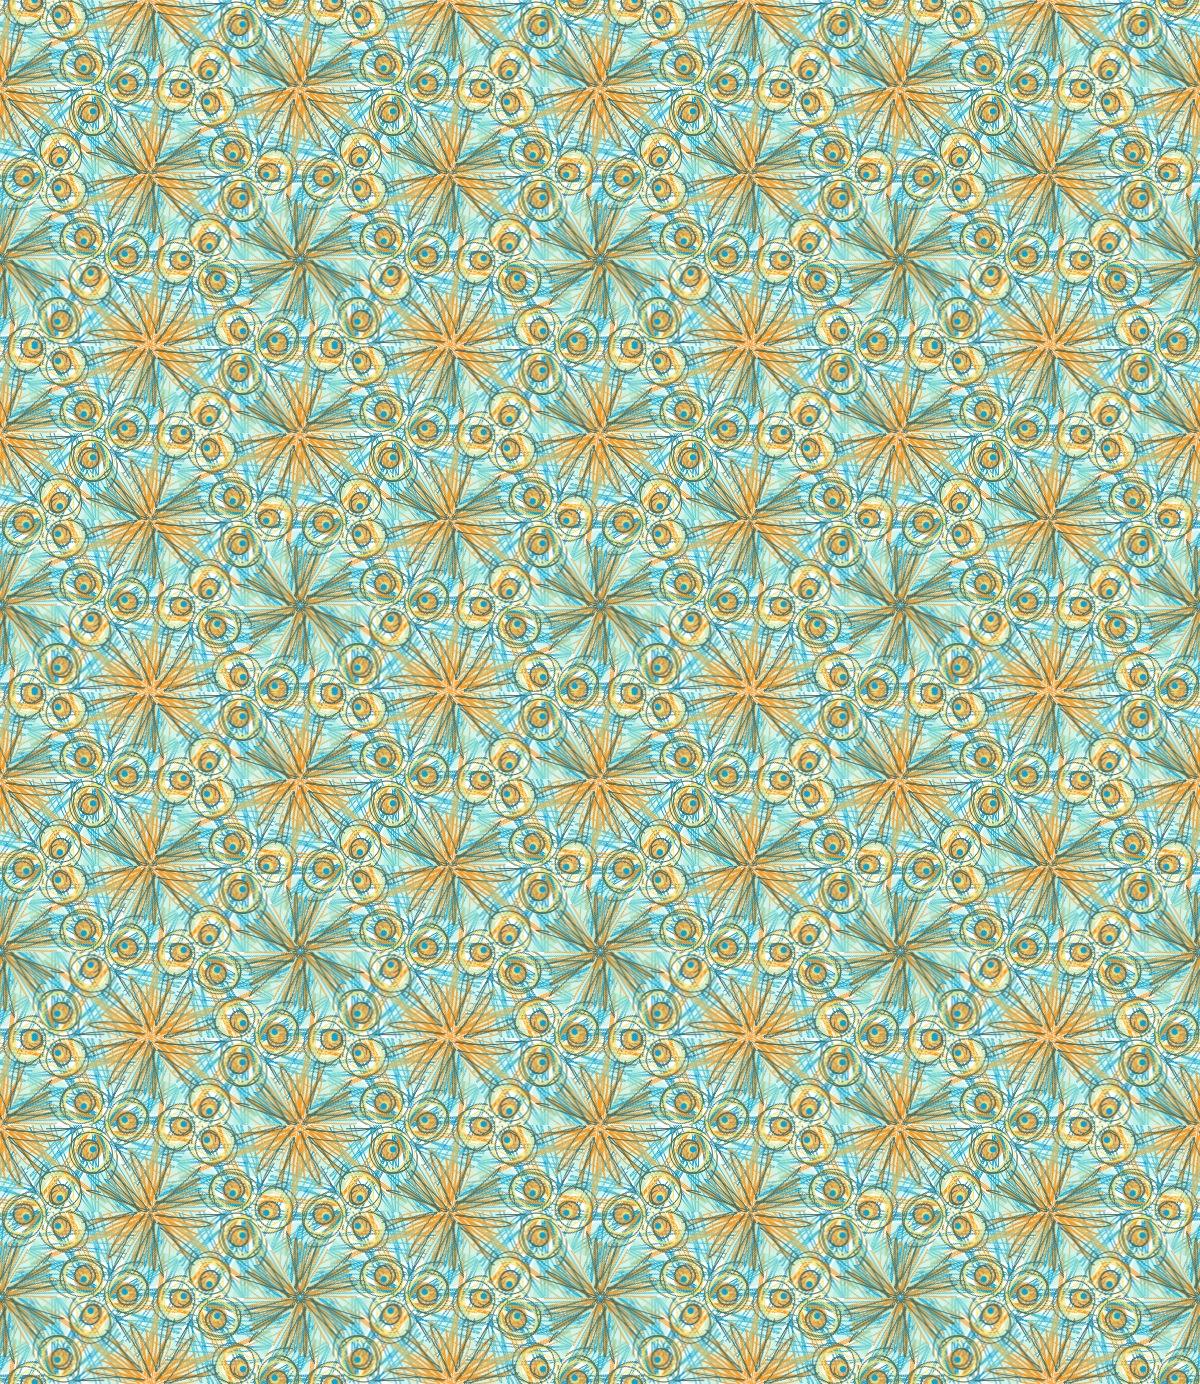 076_tiled